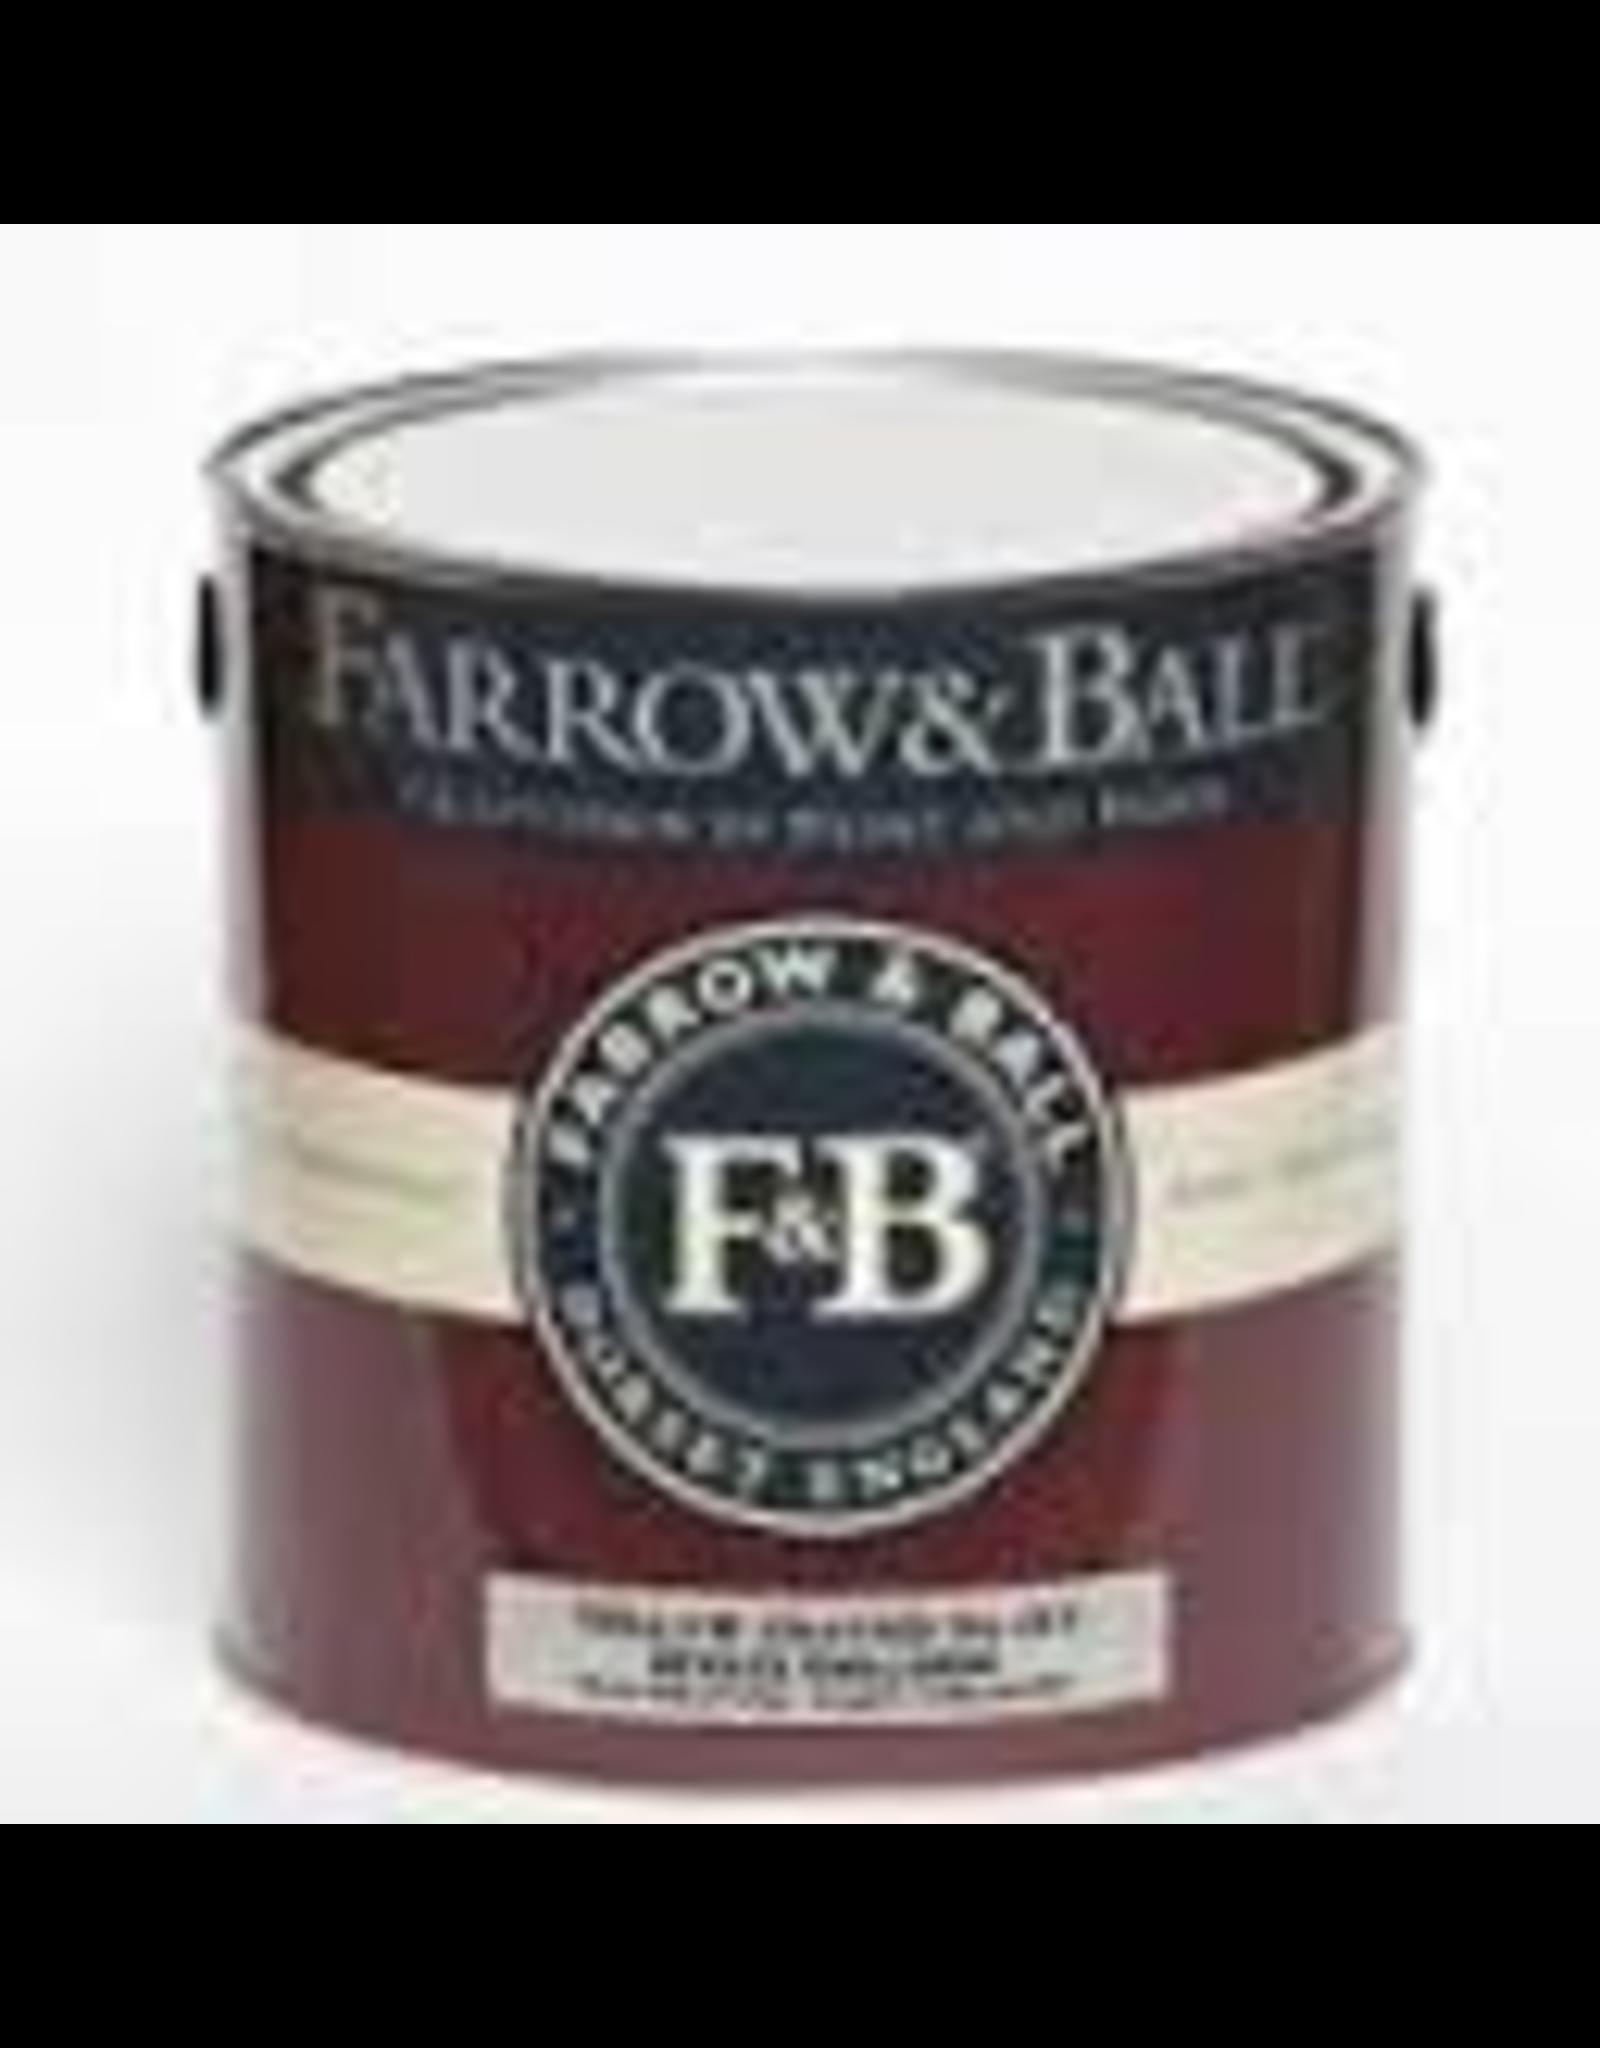 Farrow and Ball Gallon Modern Emulsion No 9805